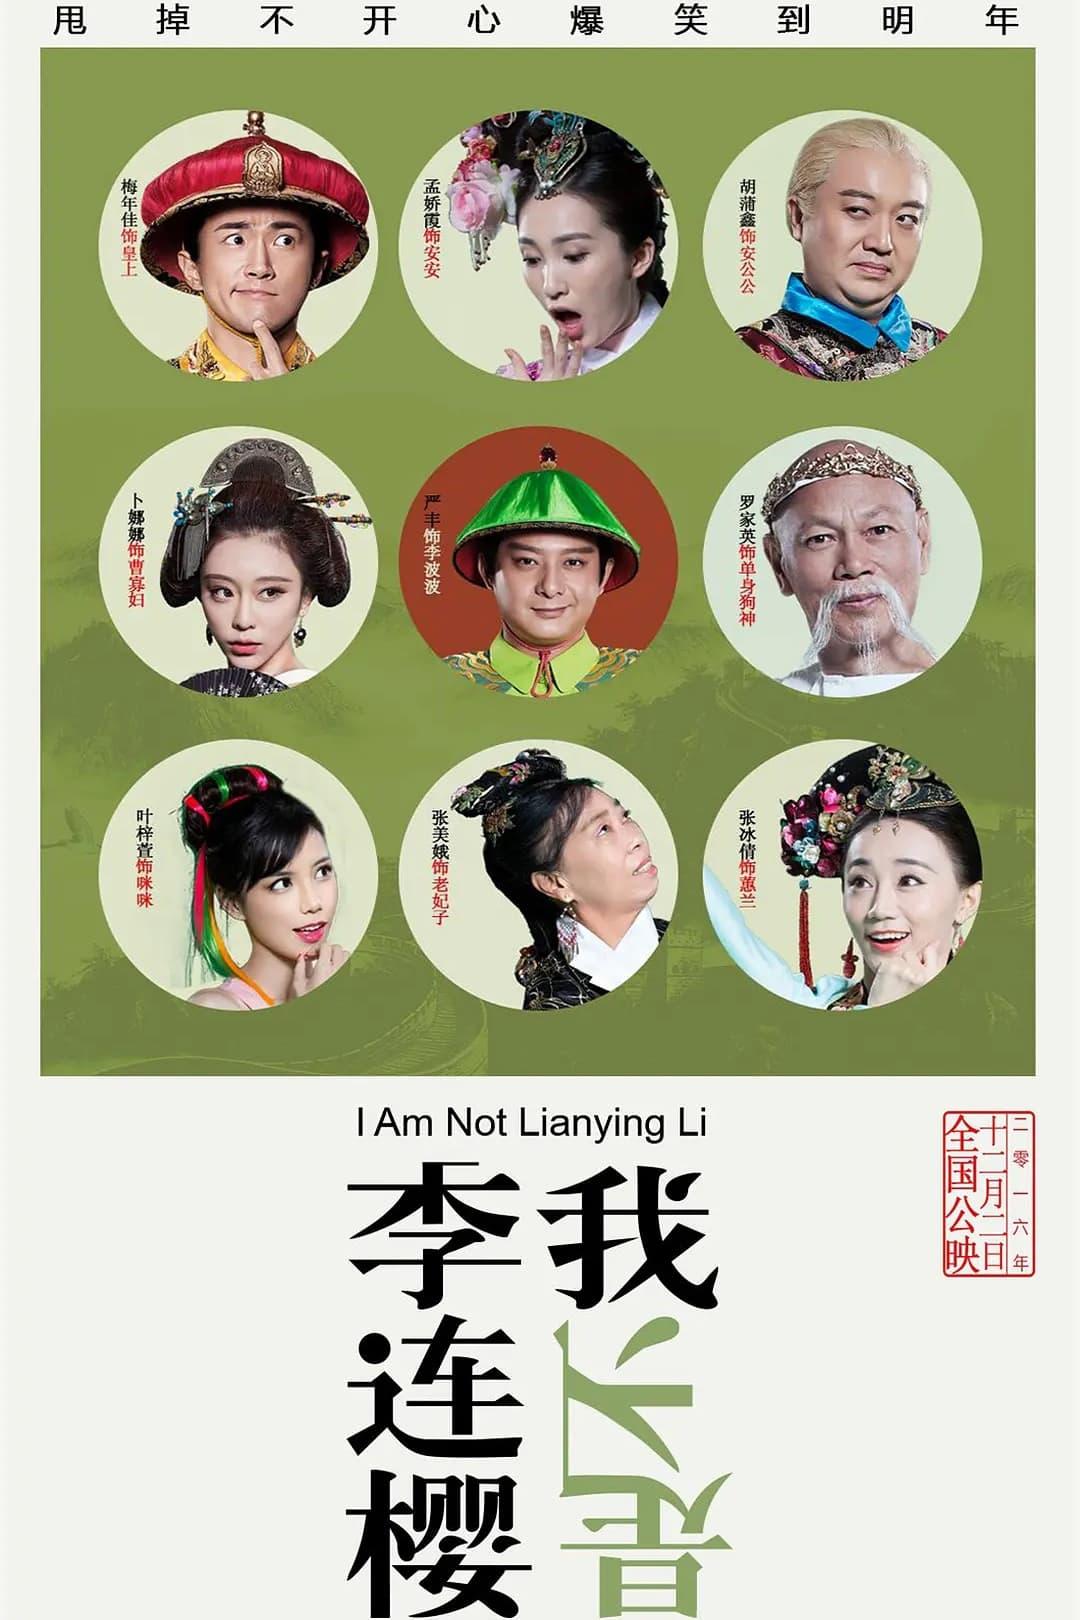 I'm Not Li Lianying